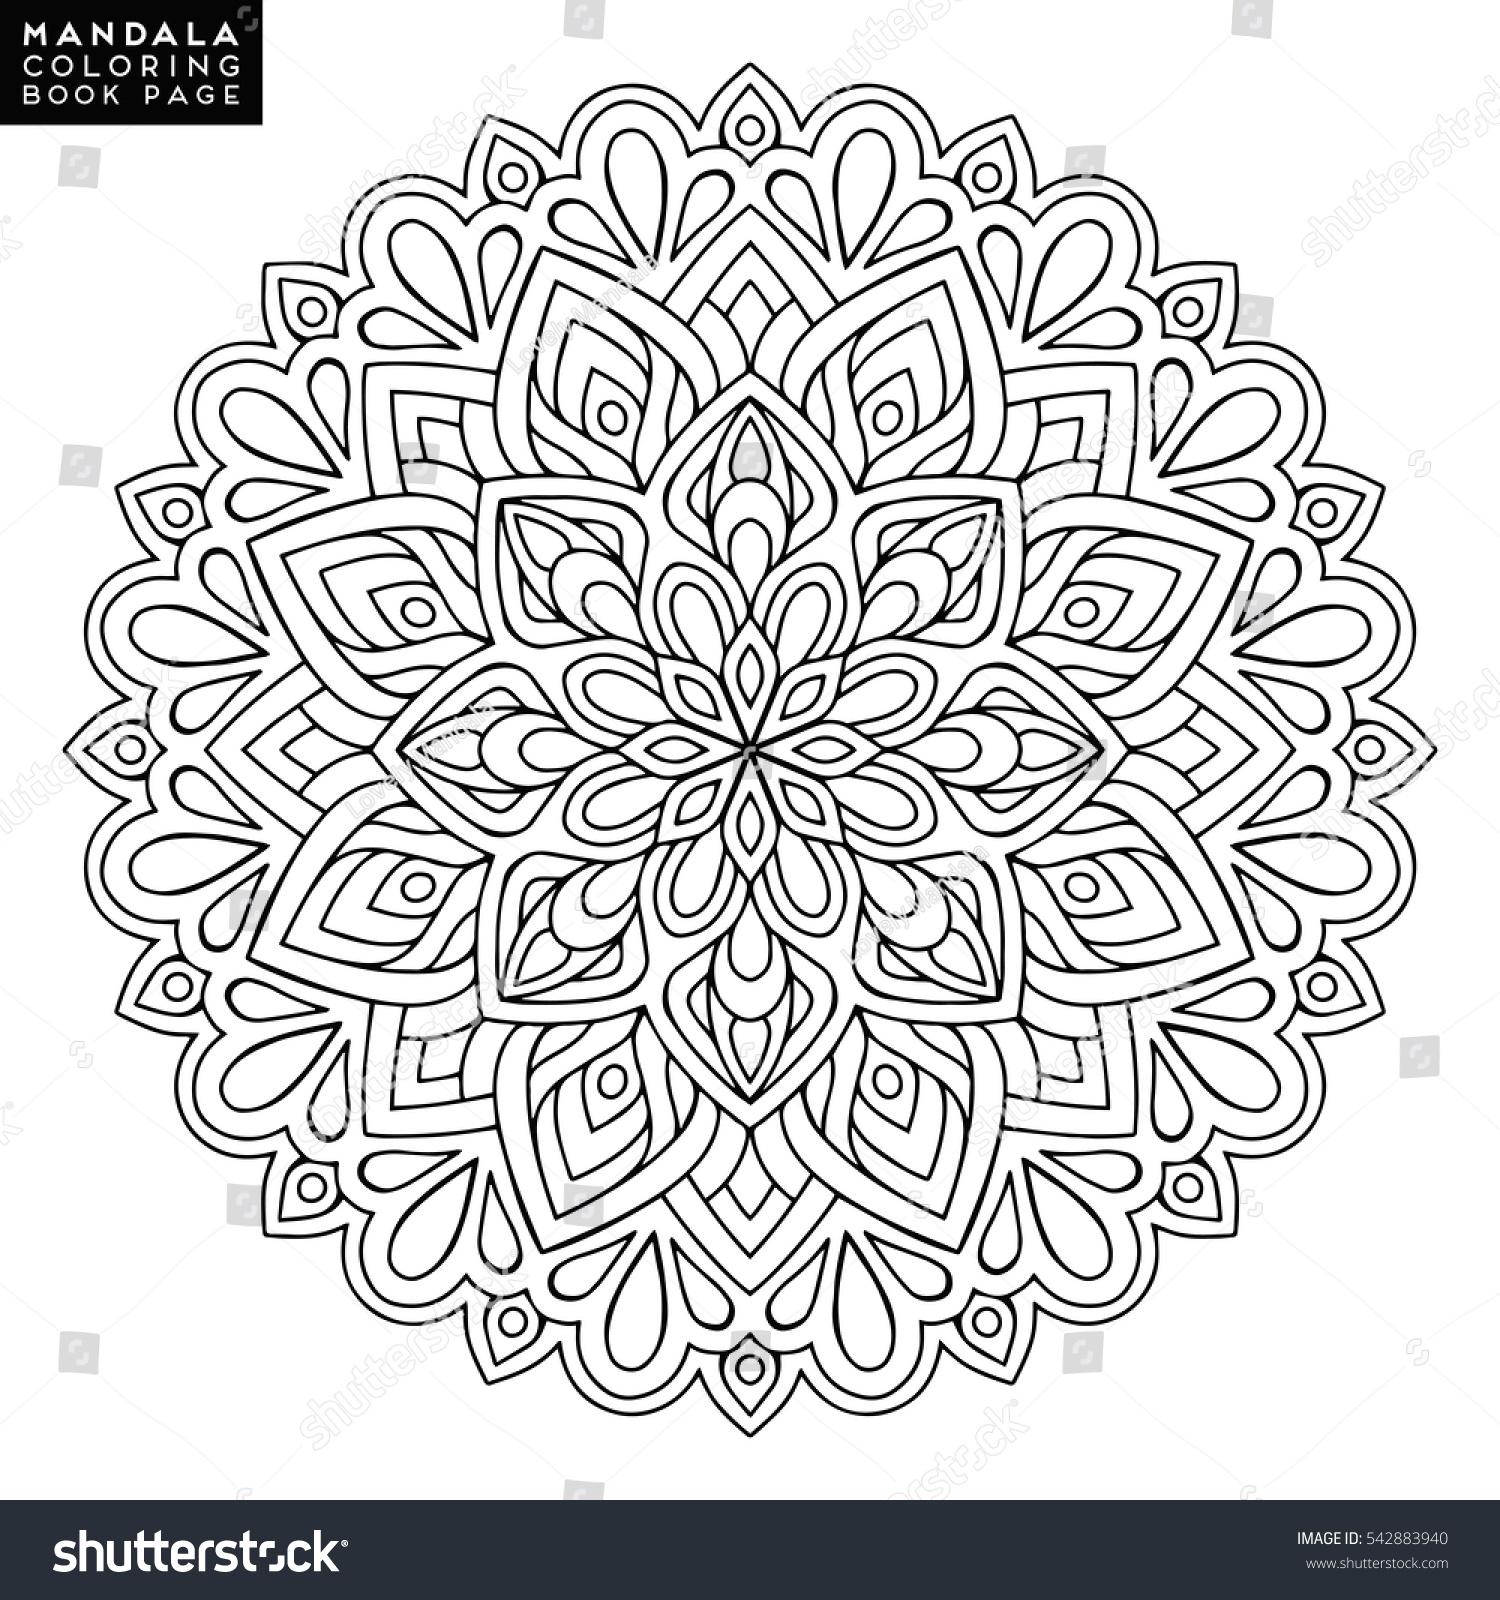 Black Outline Flower Mandala Vintage Decorative Element Ornamental